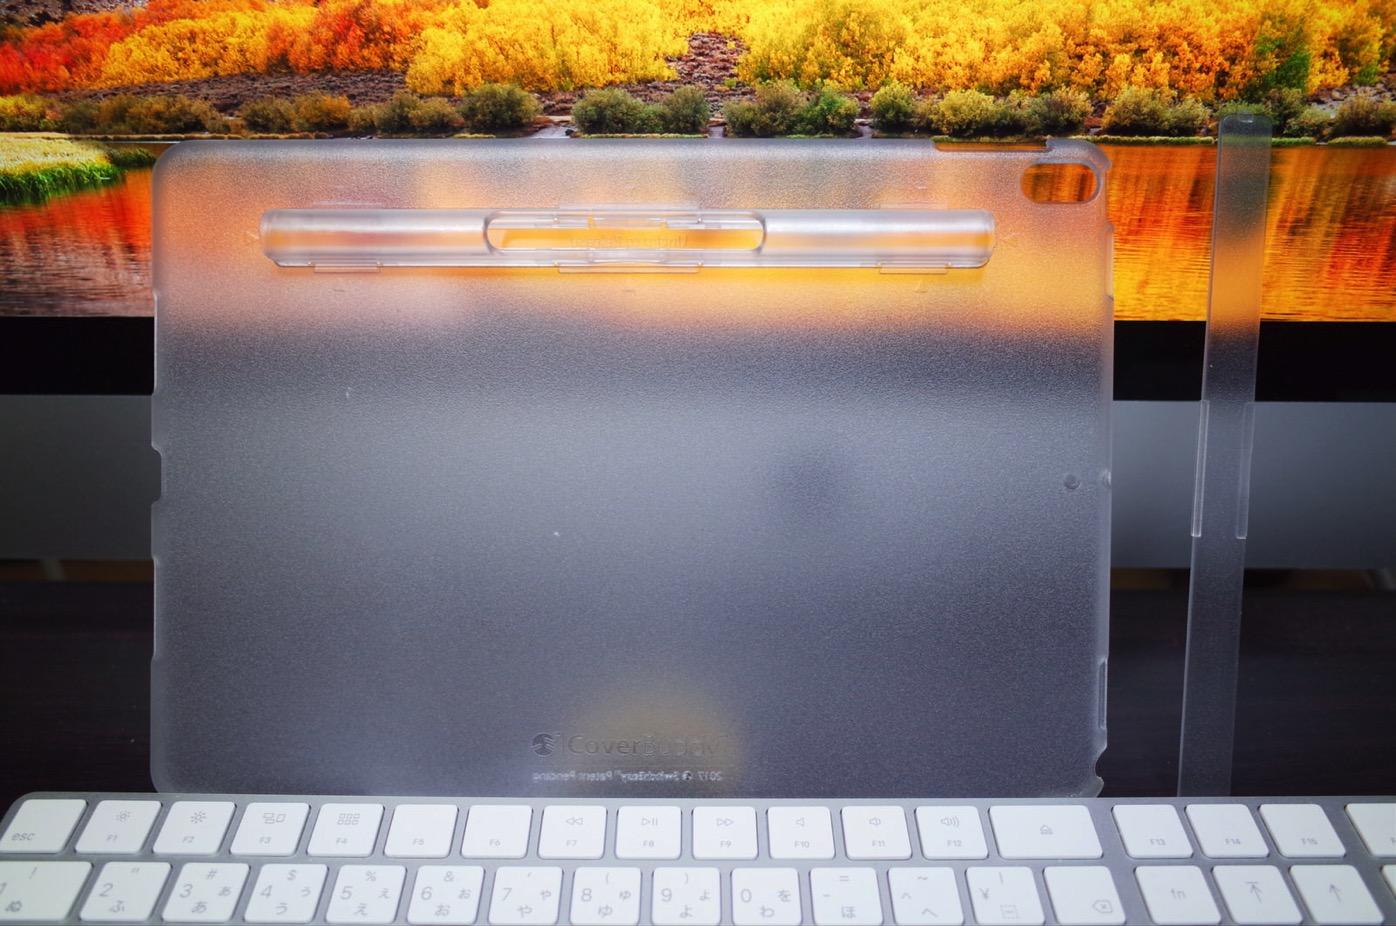 iPad Pro 10.5 ケース SwitchEasy CoverBuddy ハード バック カバー Apple Pencil 収納付き 純正 スマートキーボード 対応-6